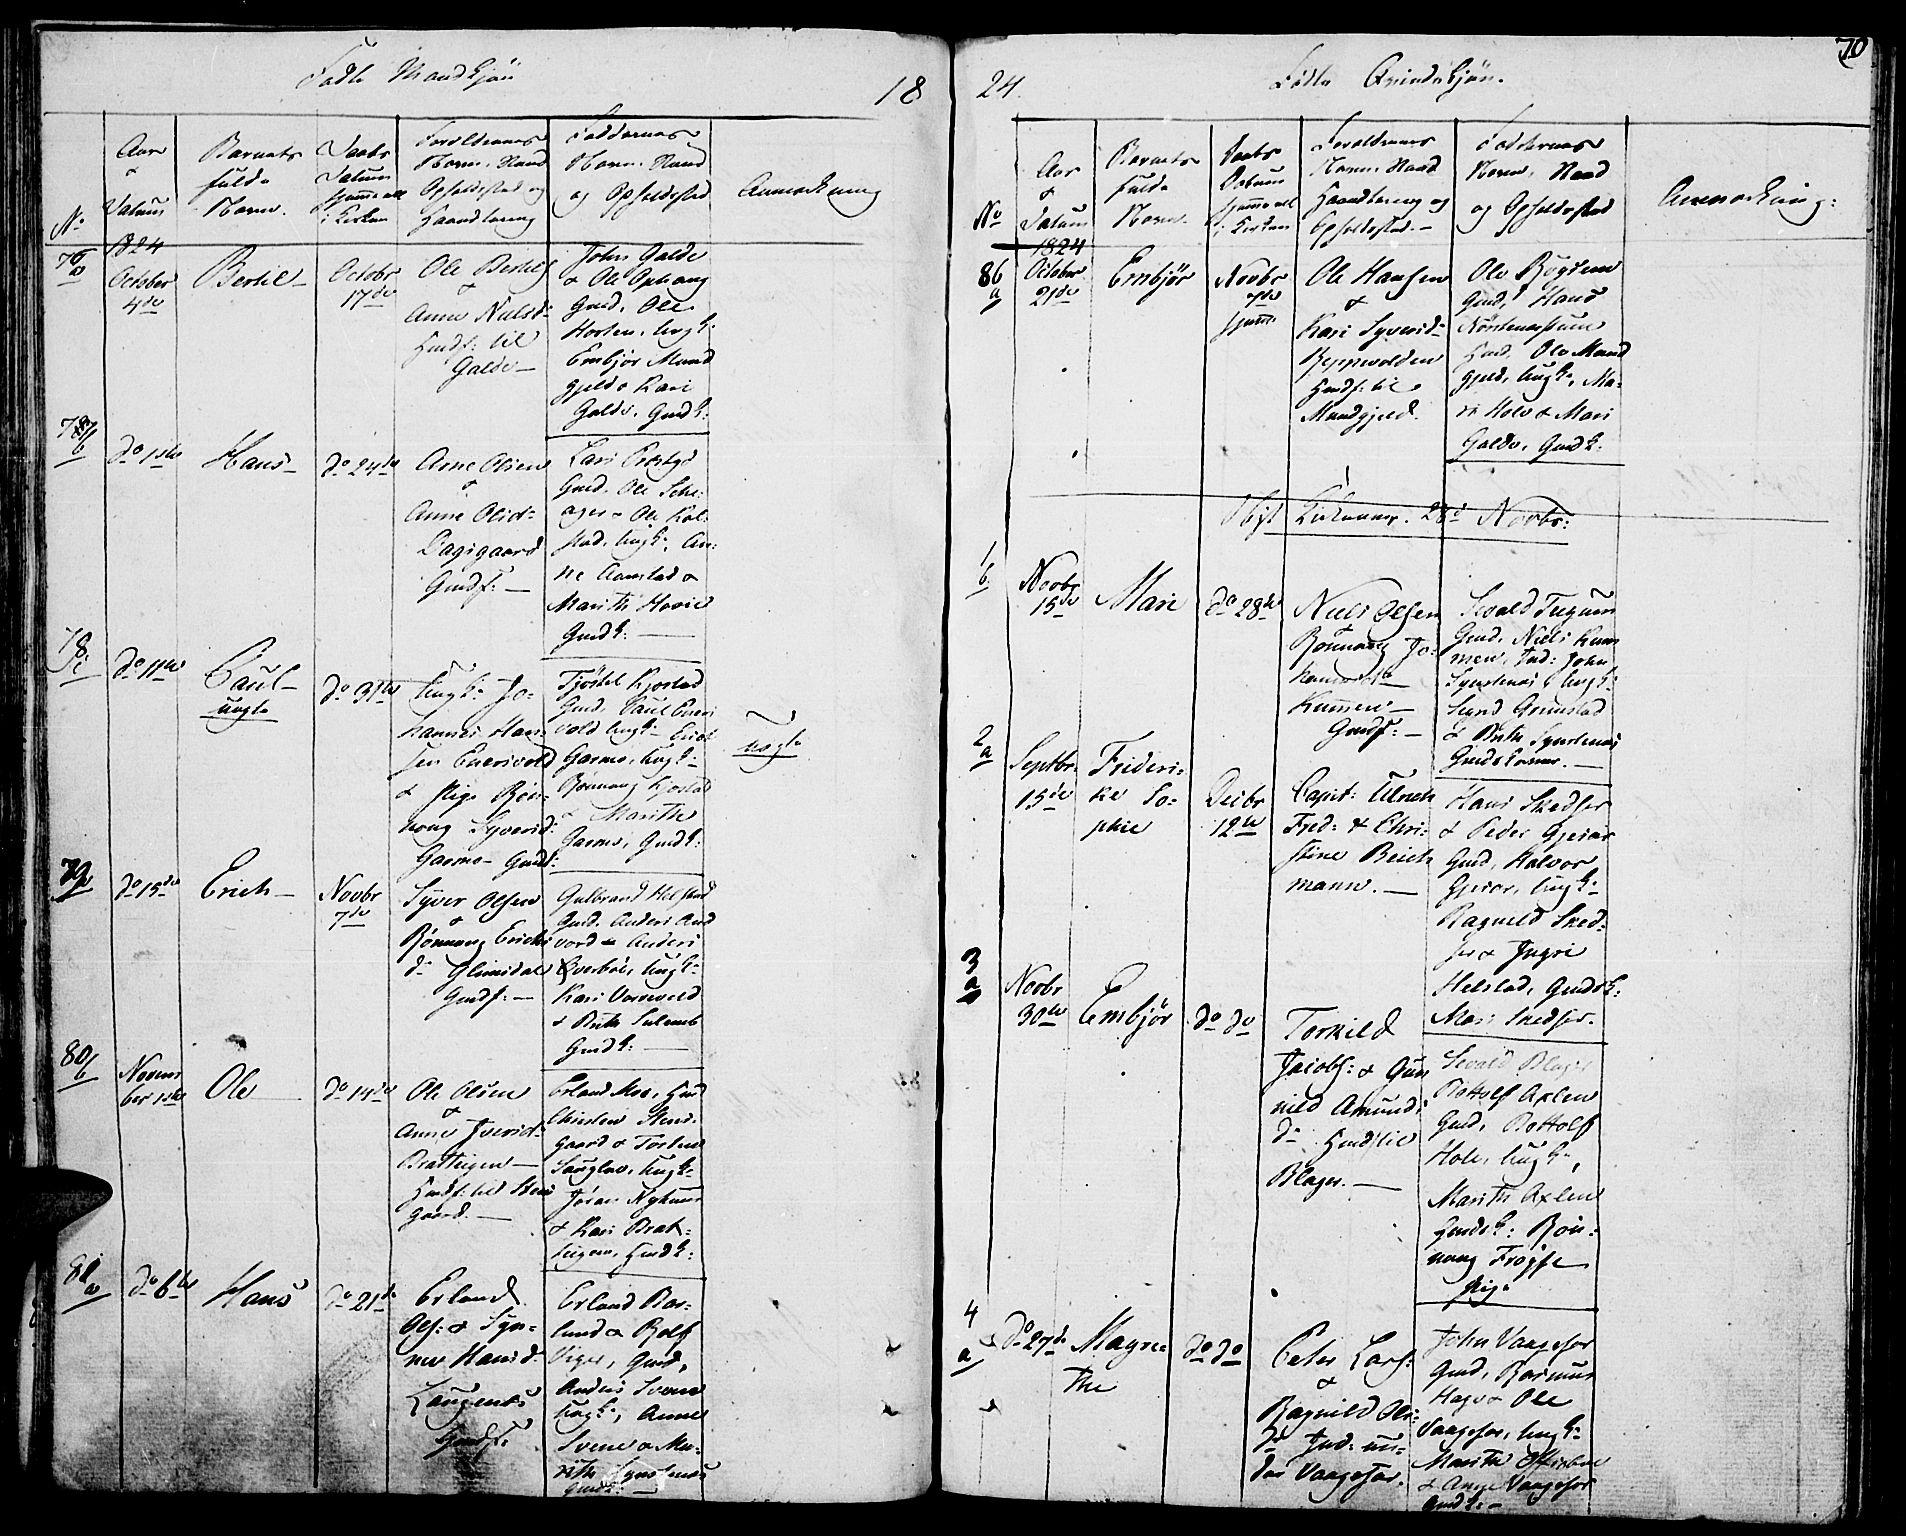 SAH, Lom prestekontor, K/L0003: Ministerialbok nr. 3, 1801-1825, s. 70